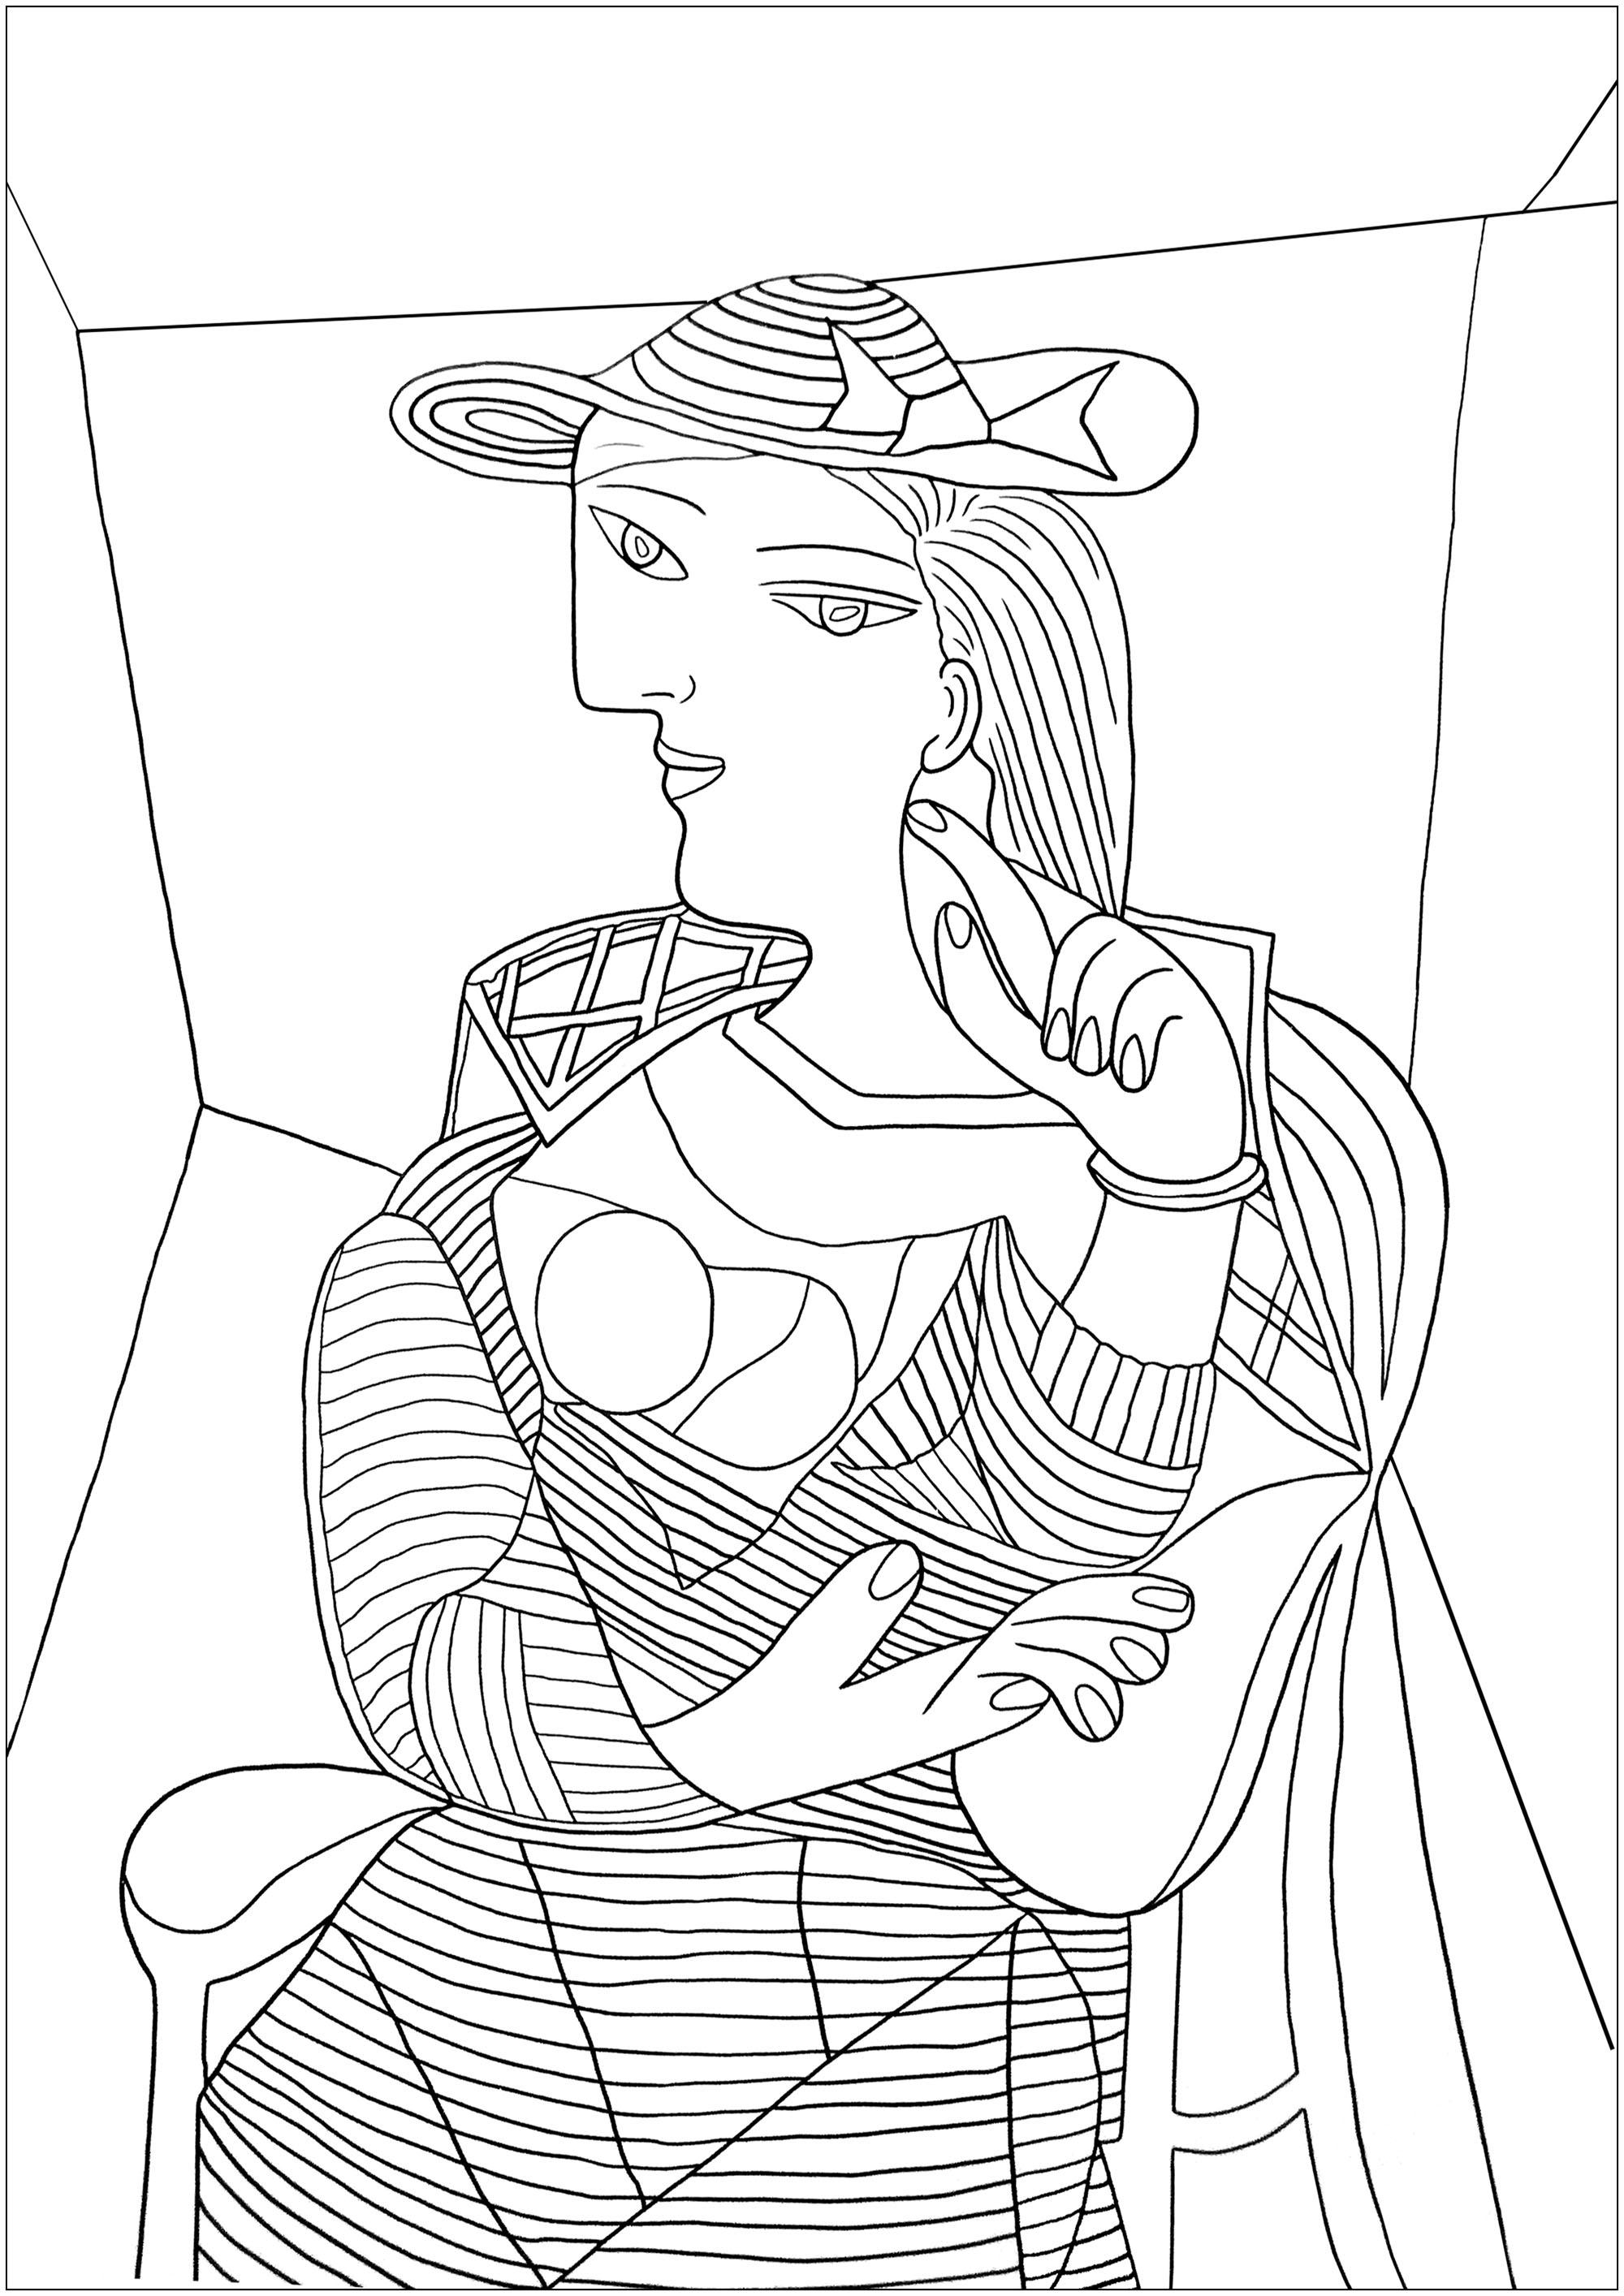 Coloriage créé à partir du tableau 'Portrait de Marie Therese Walter' de Pablo Picasso